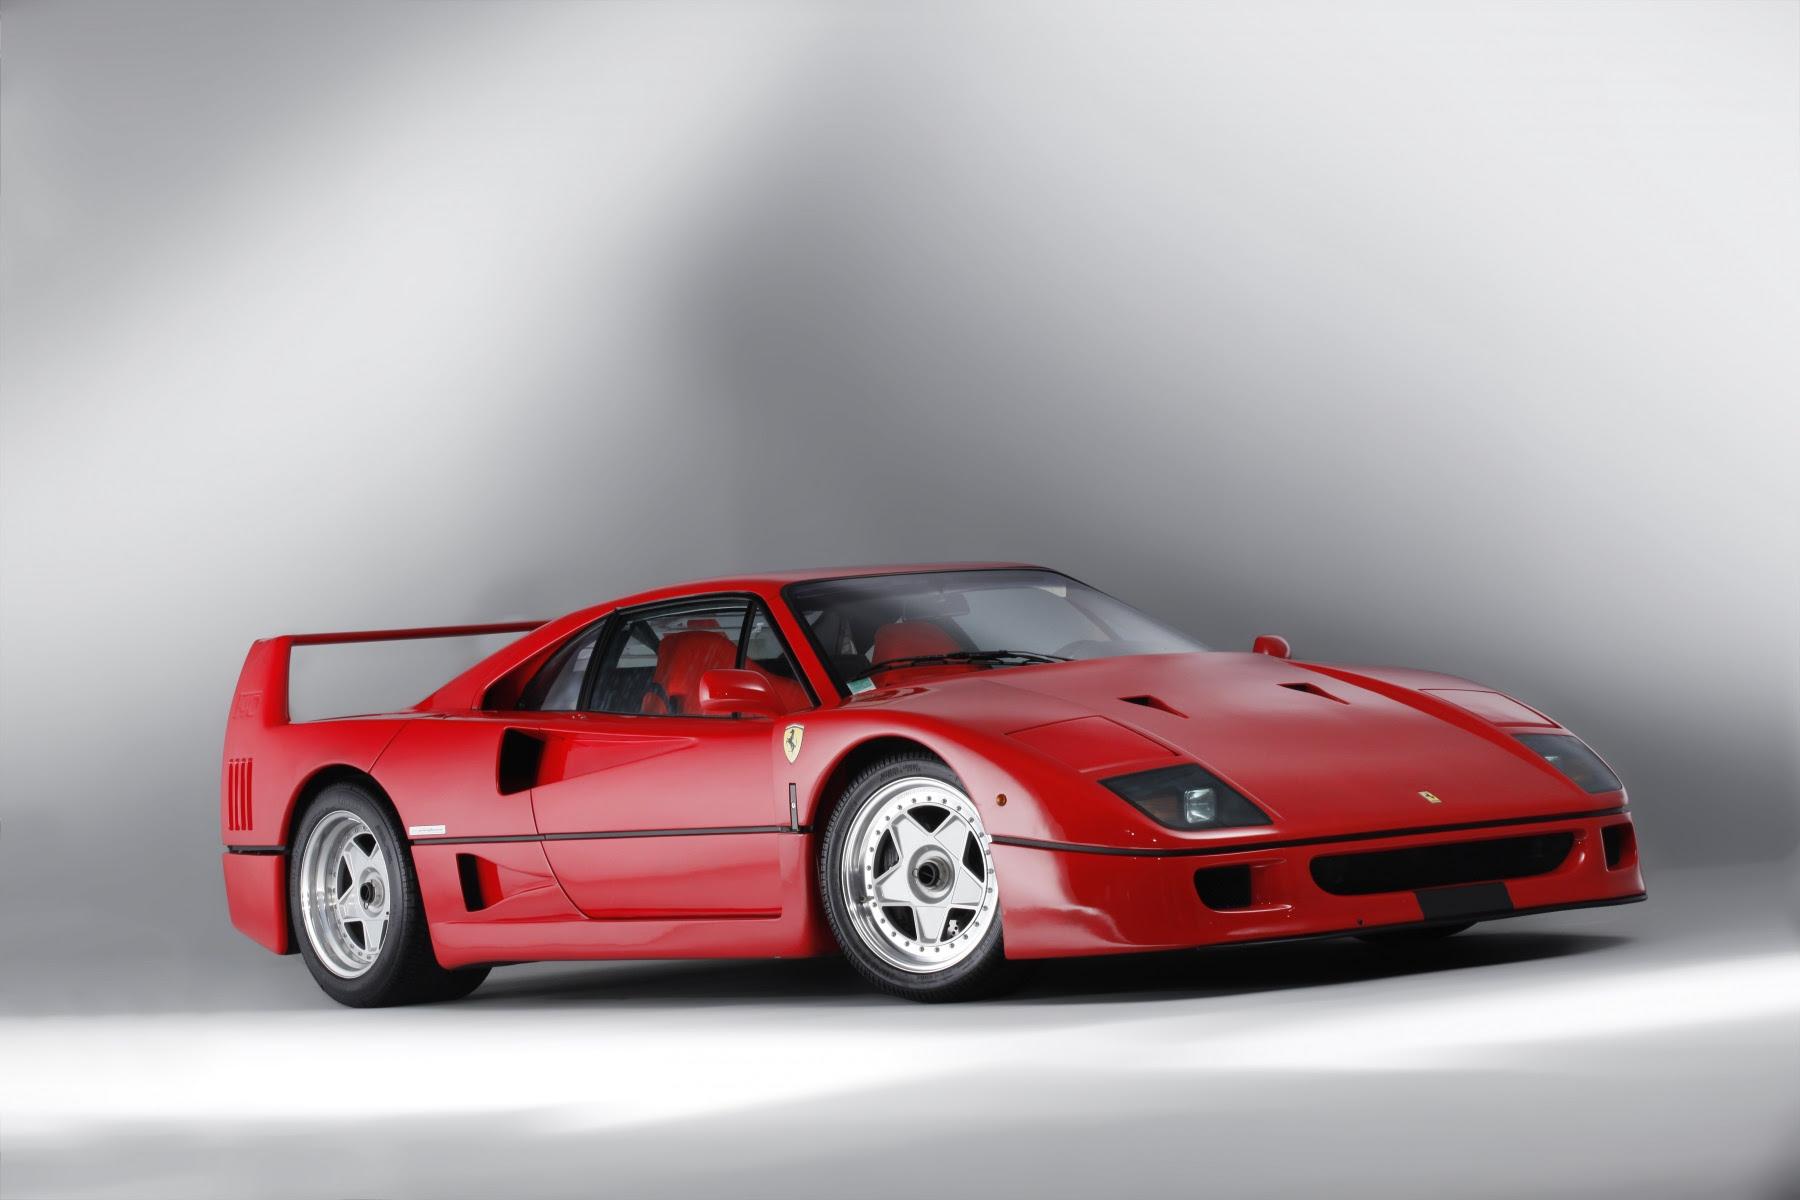 Ferrari F40 ex Pierluigi Martini (1)